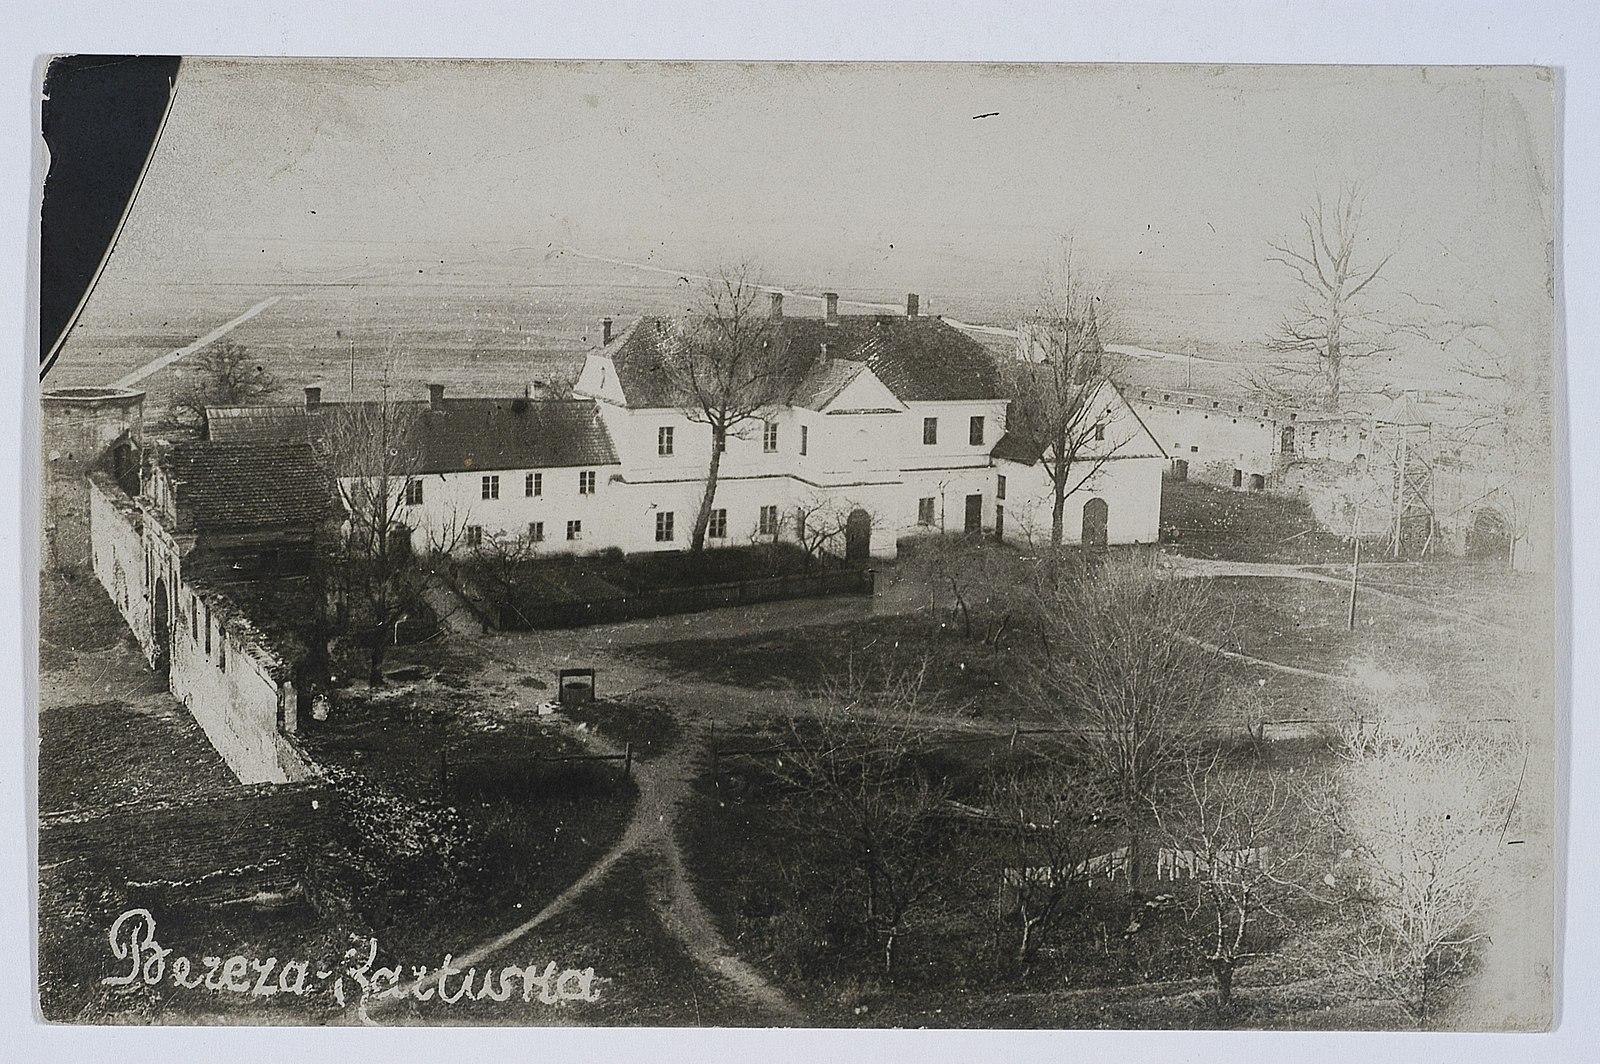 В довоенной Польше существовал свой собственный концентрационный лагерь в Березе-Картузской